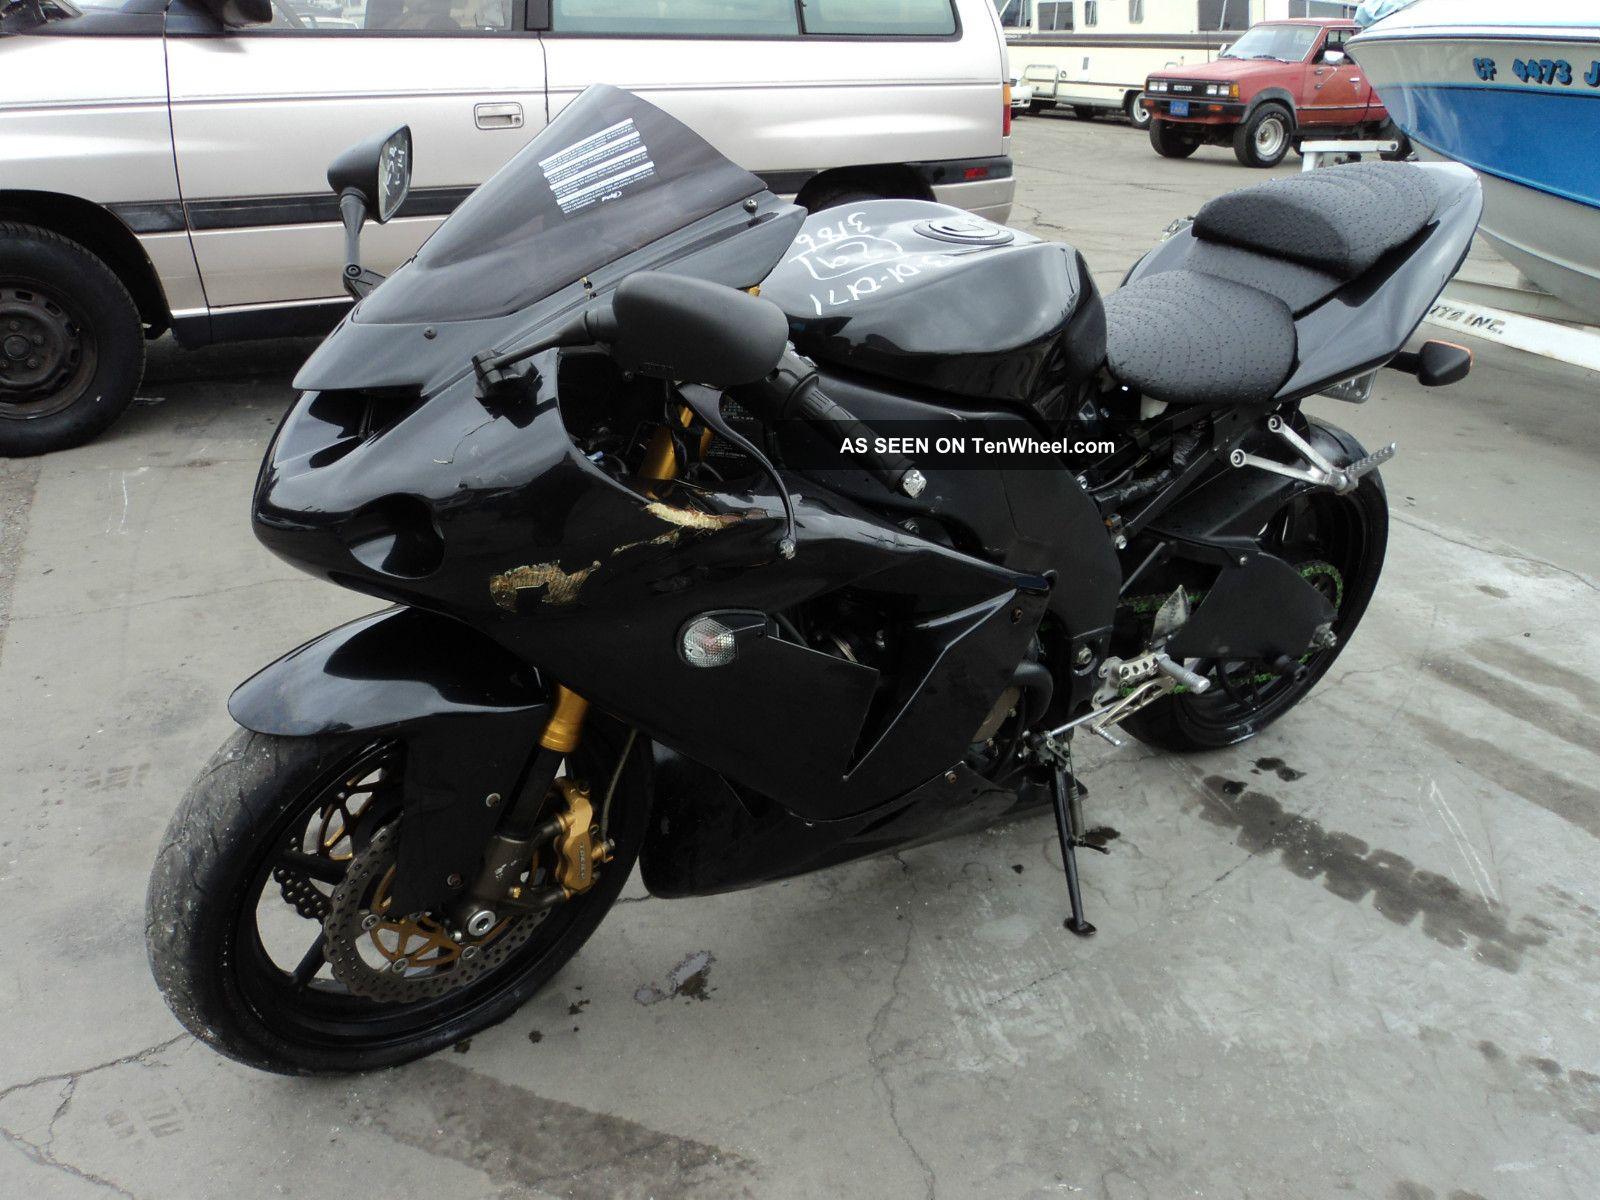 2005 Kawasaki Ninja Zx10r, Other photo